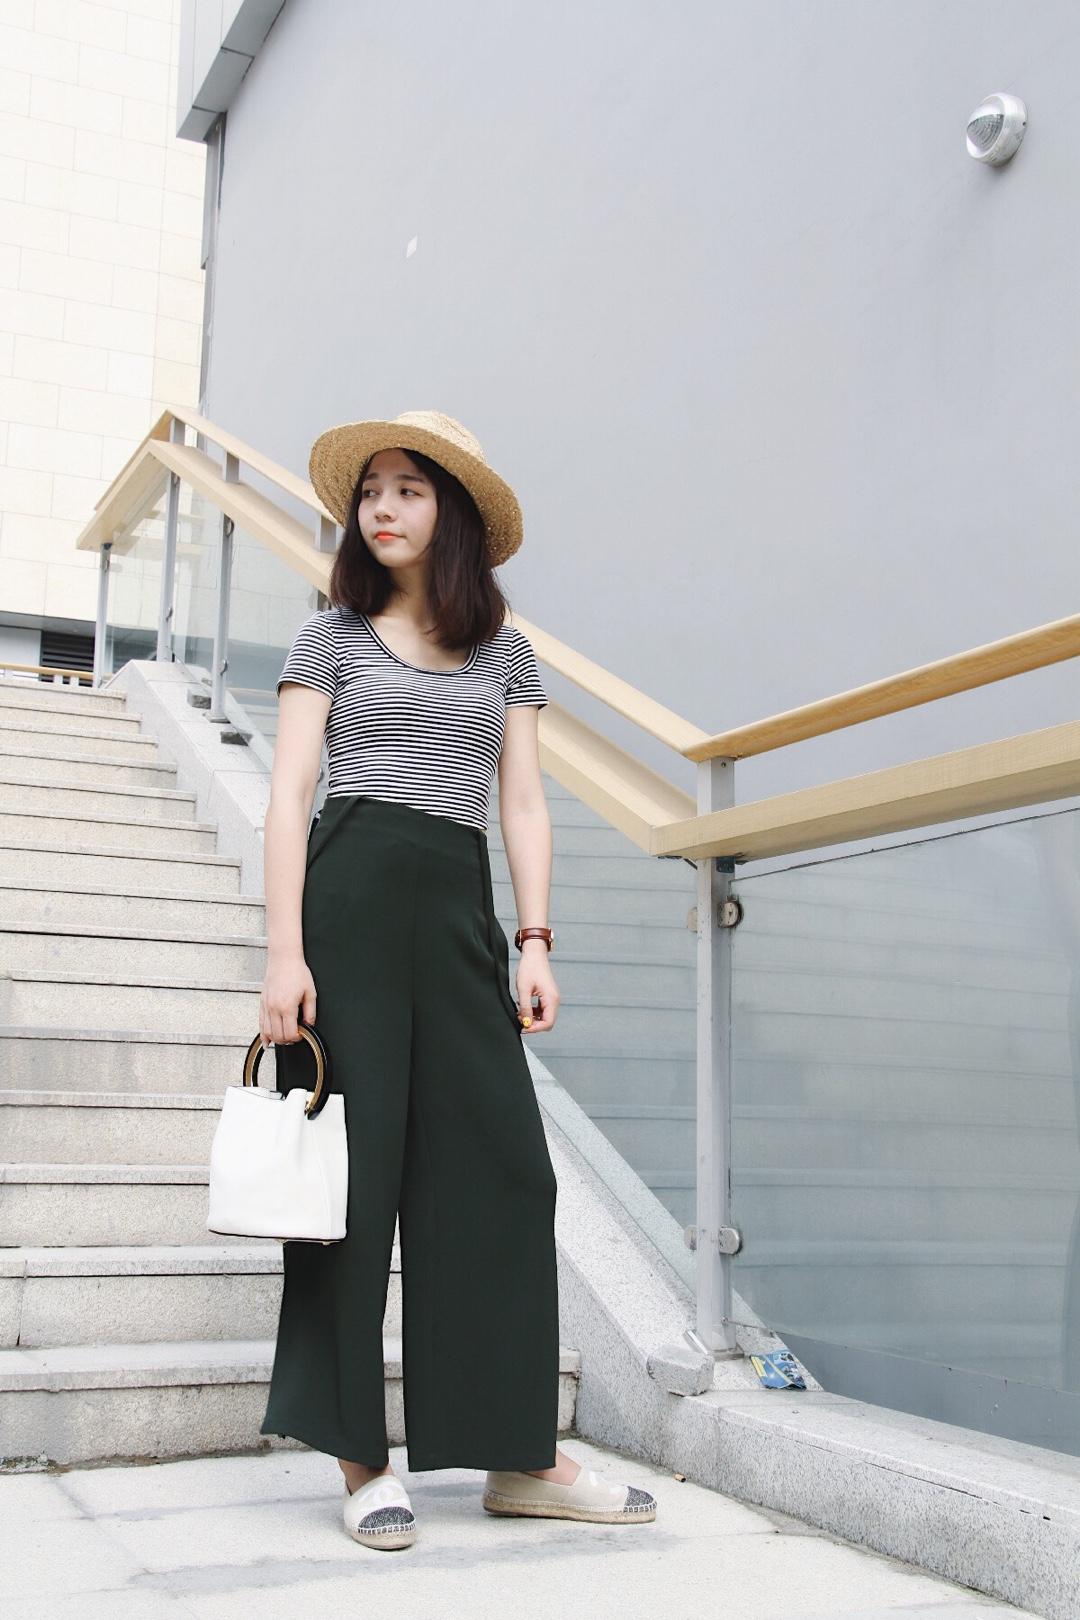 #上短下长,腿长一米八!#合身的黑白条纹t搭配墨绿色高腰背带裤清爽简洁,视觉上就有增高的效果,阔腿裤的设计很好的修饰腿型,草帽搭配更添时髦感!